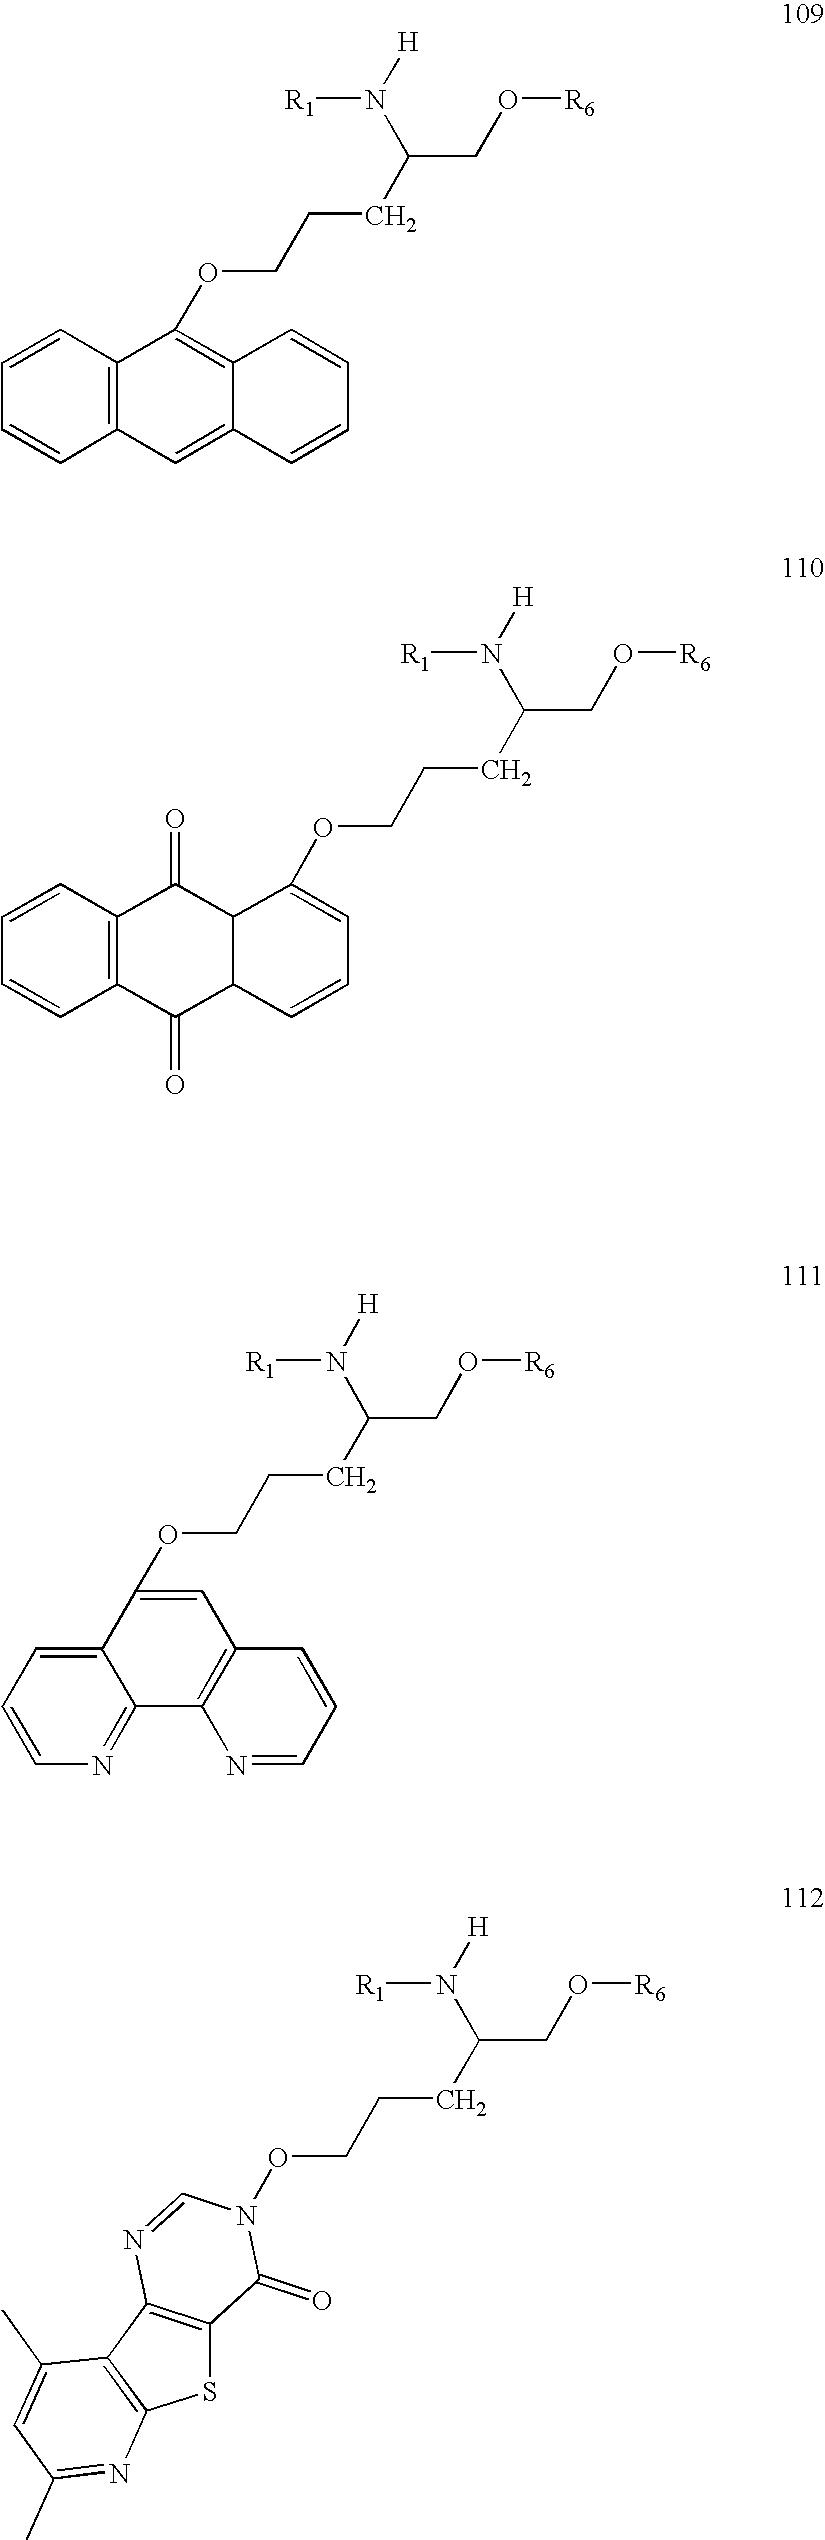 Figure US20060014144A1-20060119-C00111